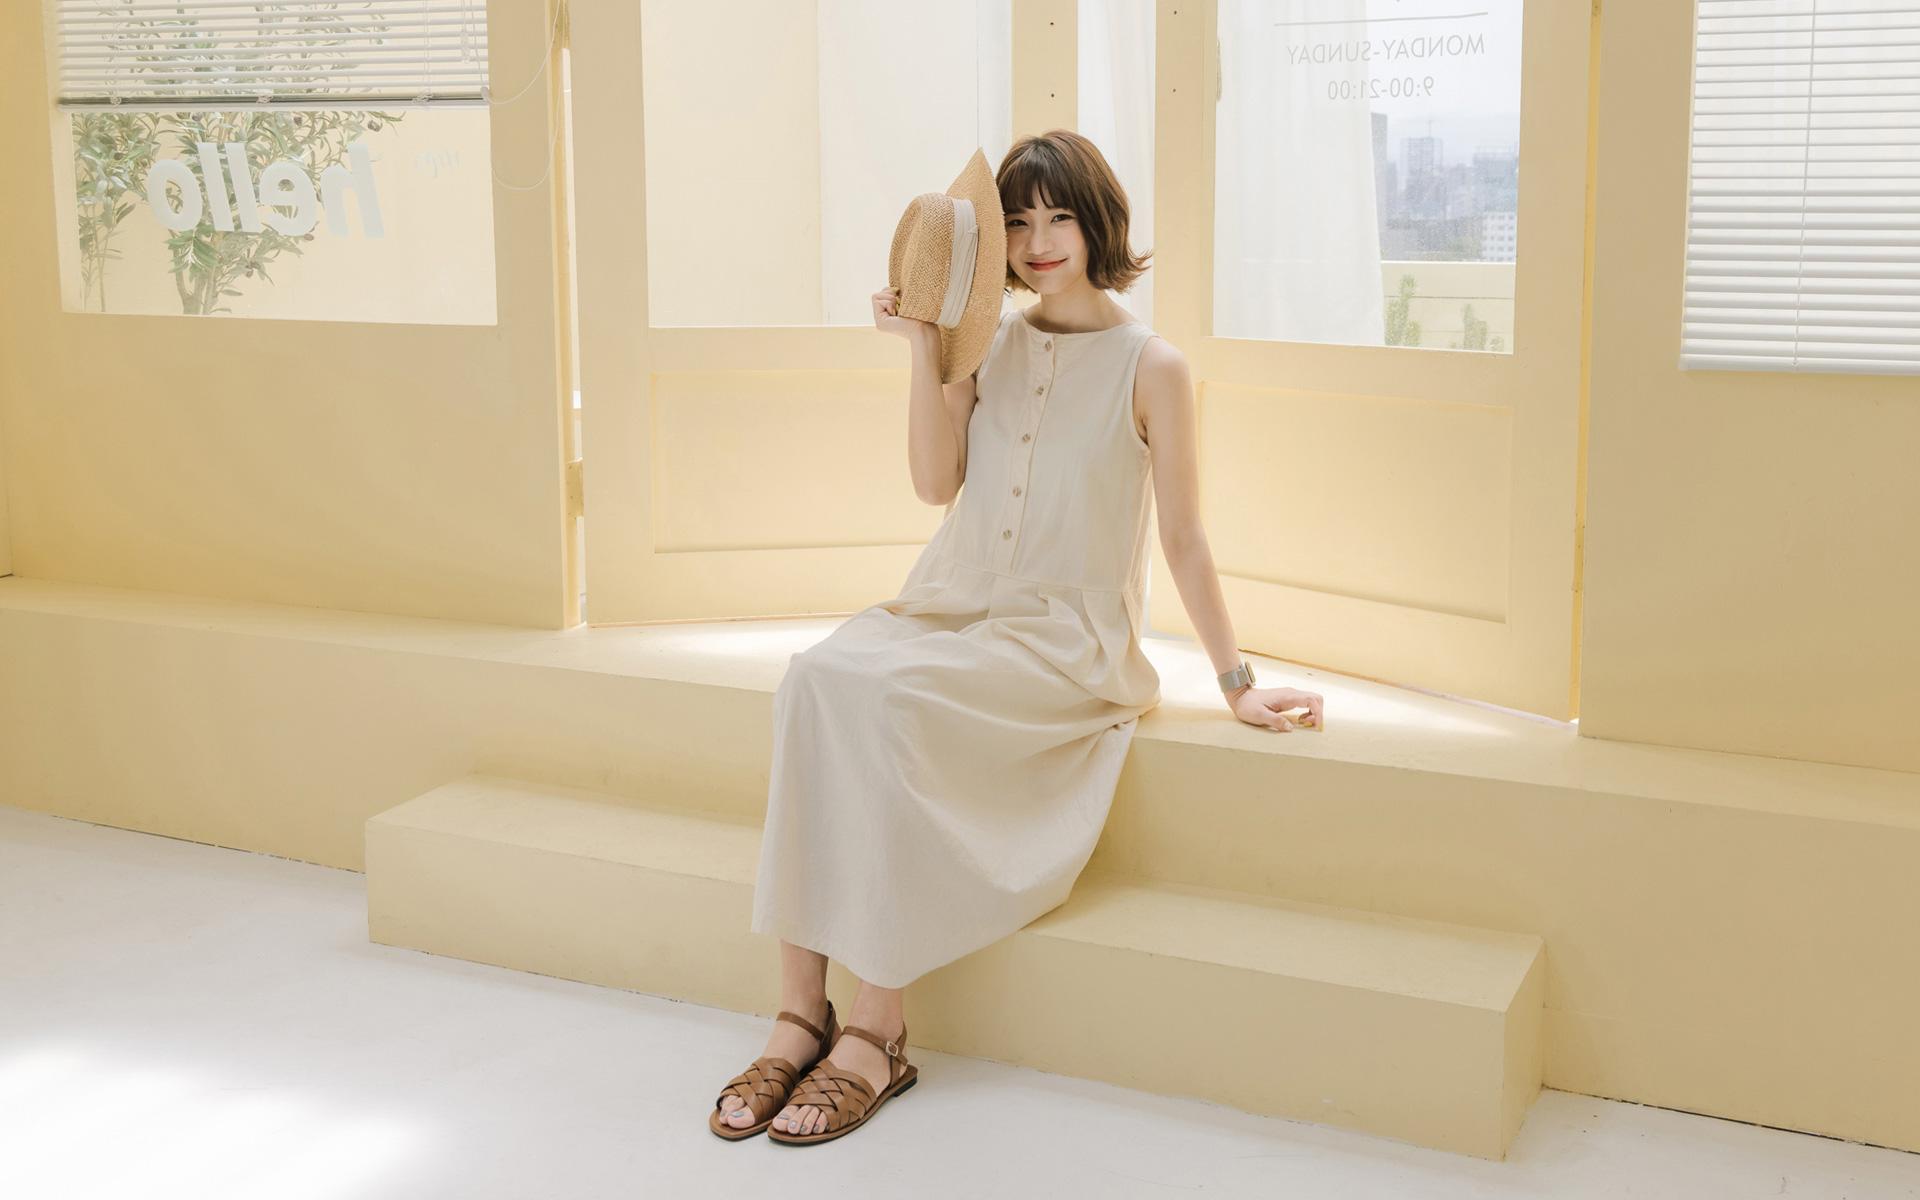 D+AF Shoes x愛莉莎莎Alisasa聯名企劃 夏季女鞋涼鞋 愛莉莎莎聯名2021